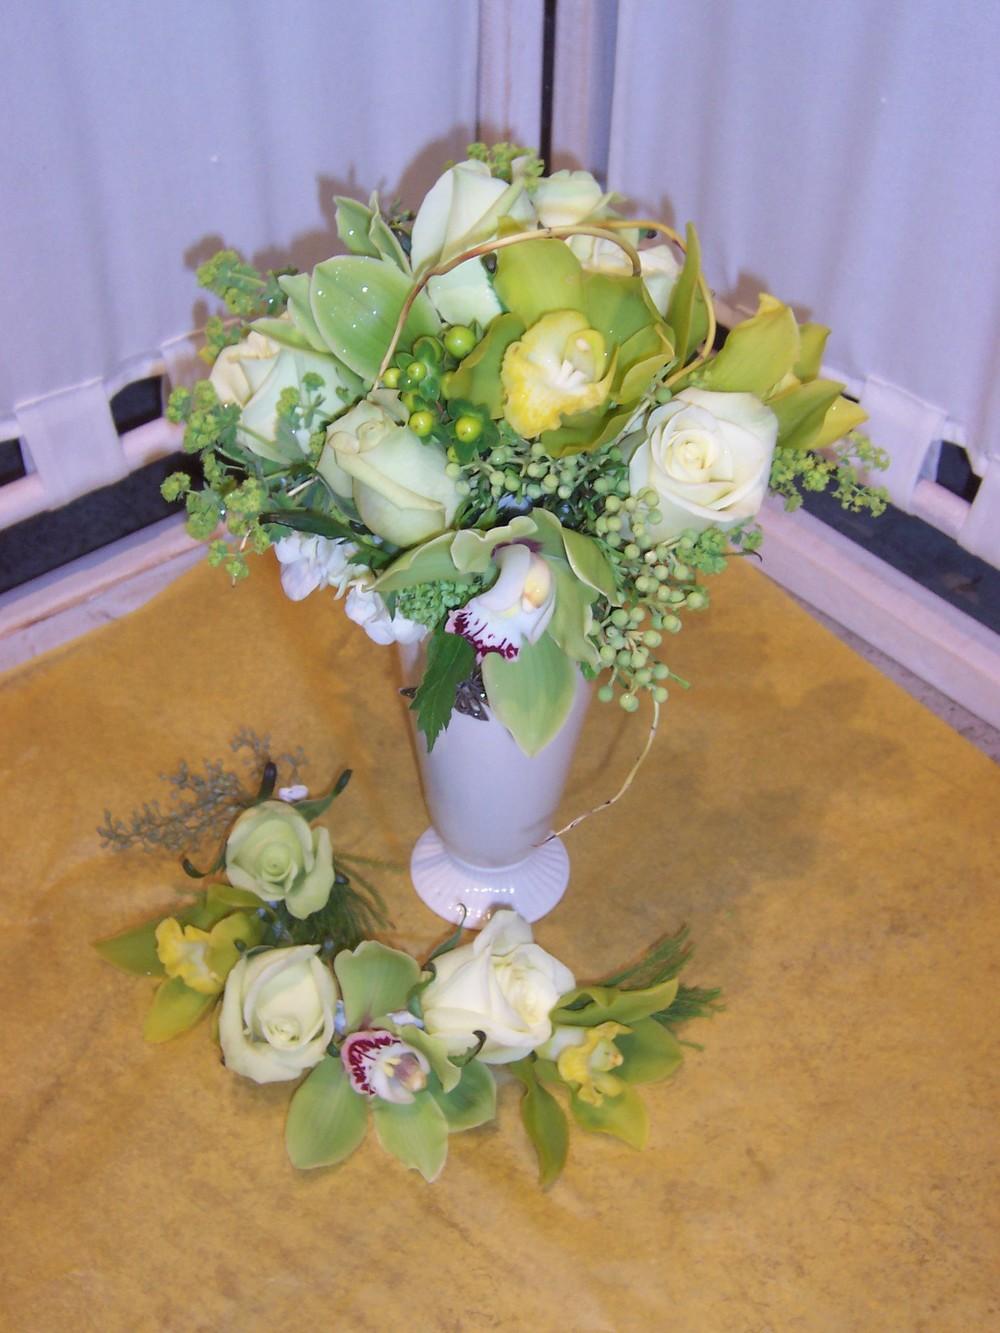 jade roses lim egreen cymbids and buplereum.jpg